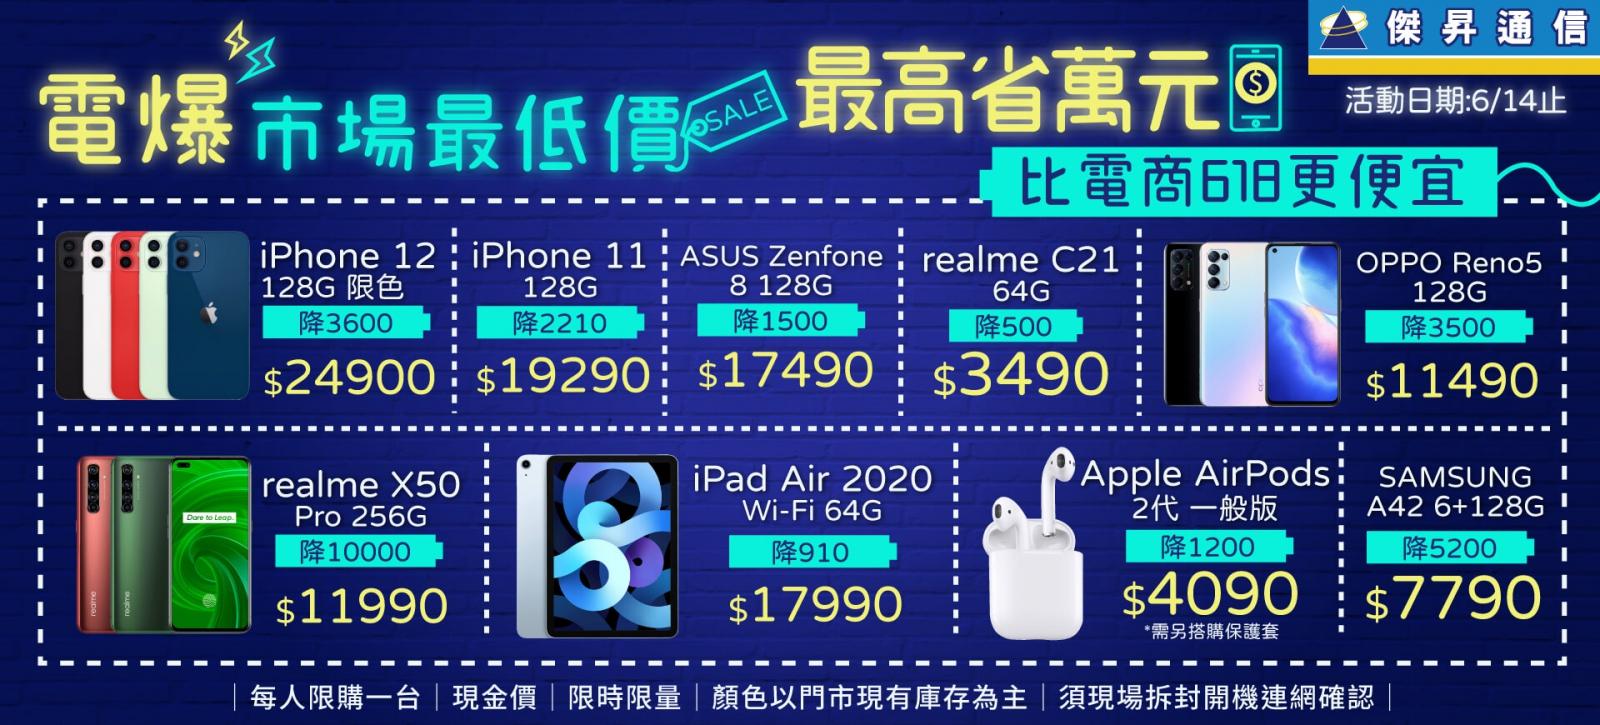 傑昇通信電爆市場最低價~比電商618更便宜!!最高省萬元